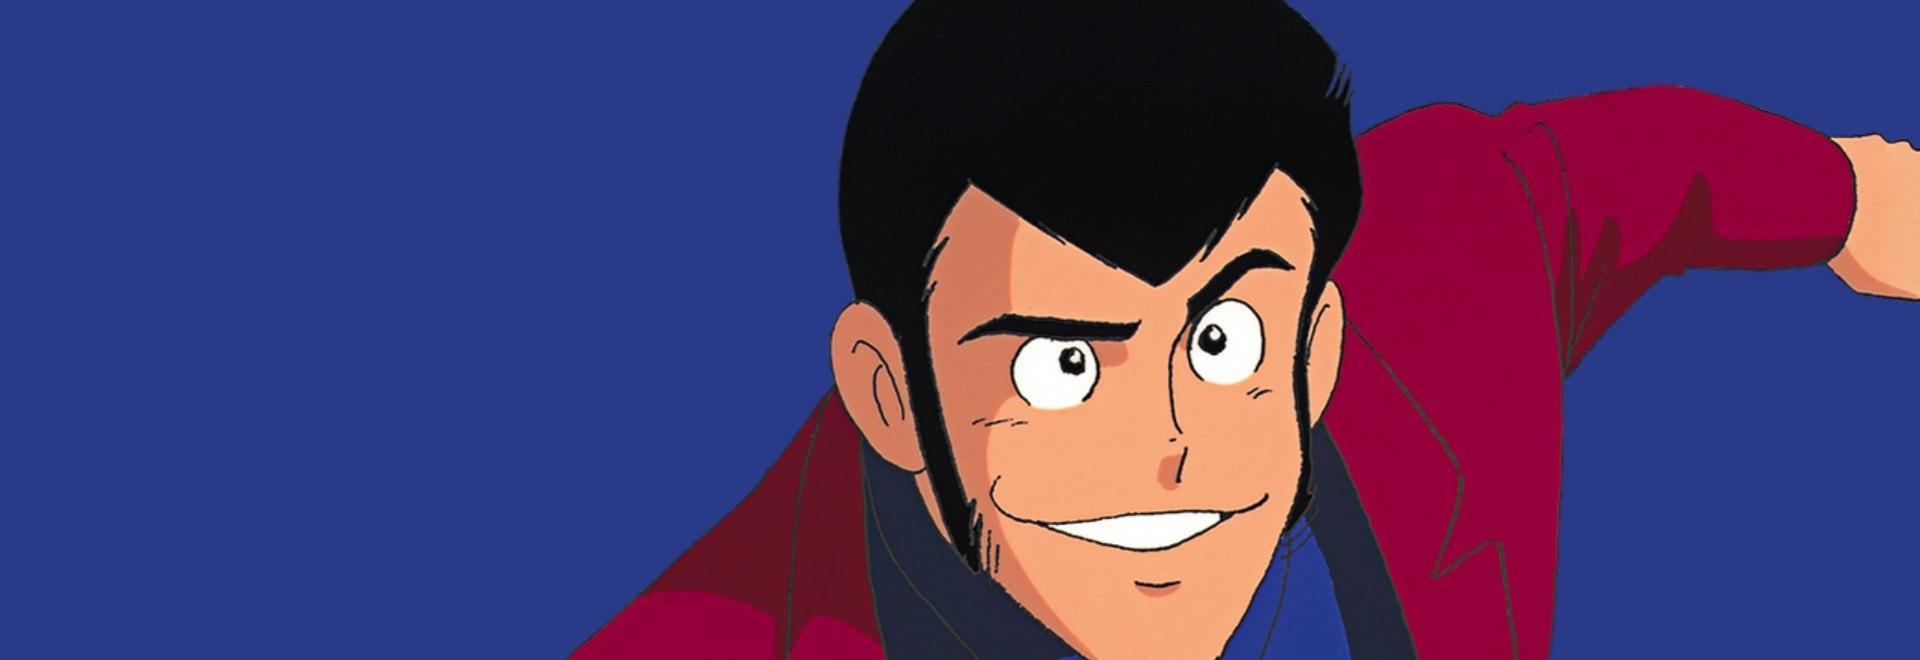 Tutti vogliono uccidere Lupin